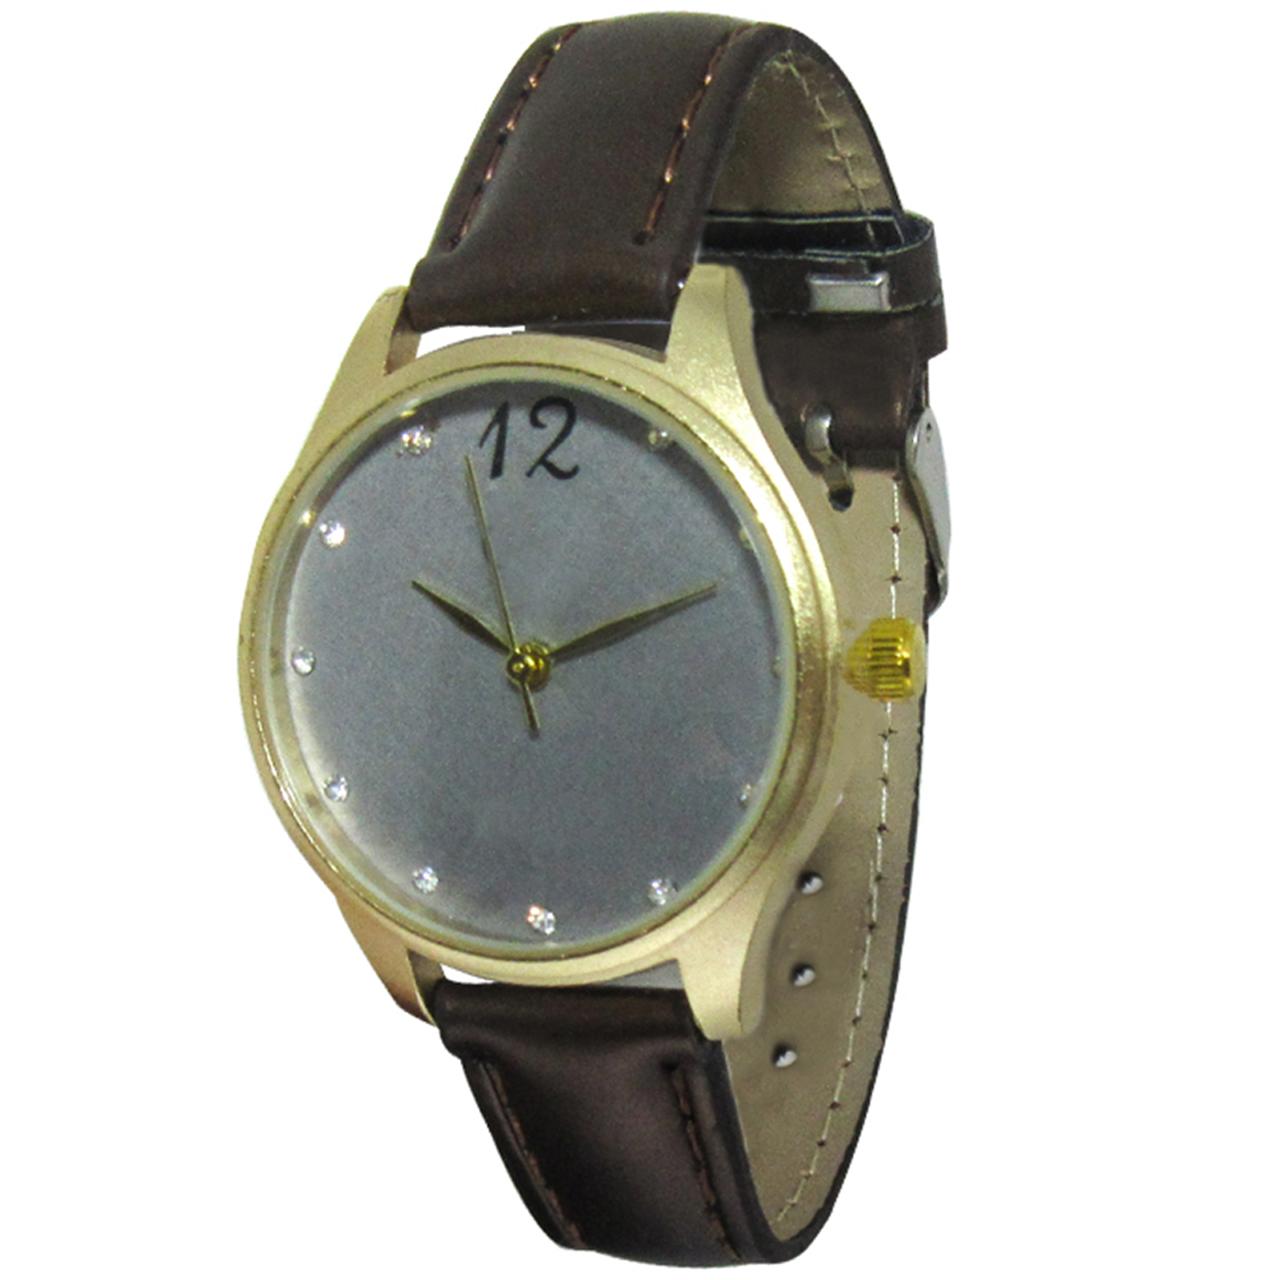 ساعت مچی عقربهای مدل CK 231 BROWN